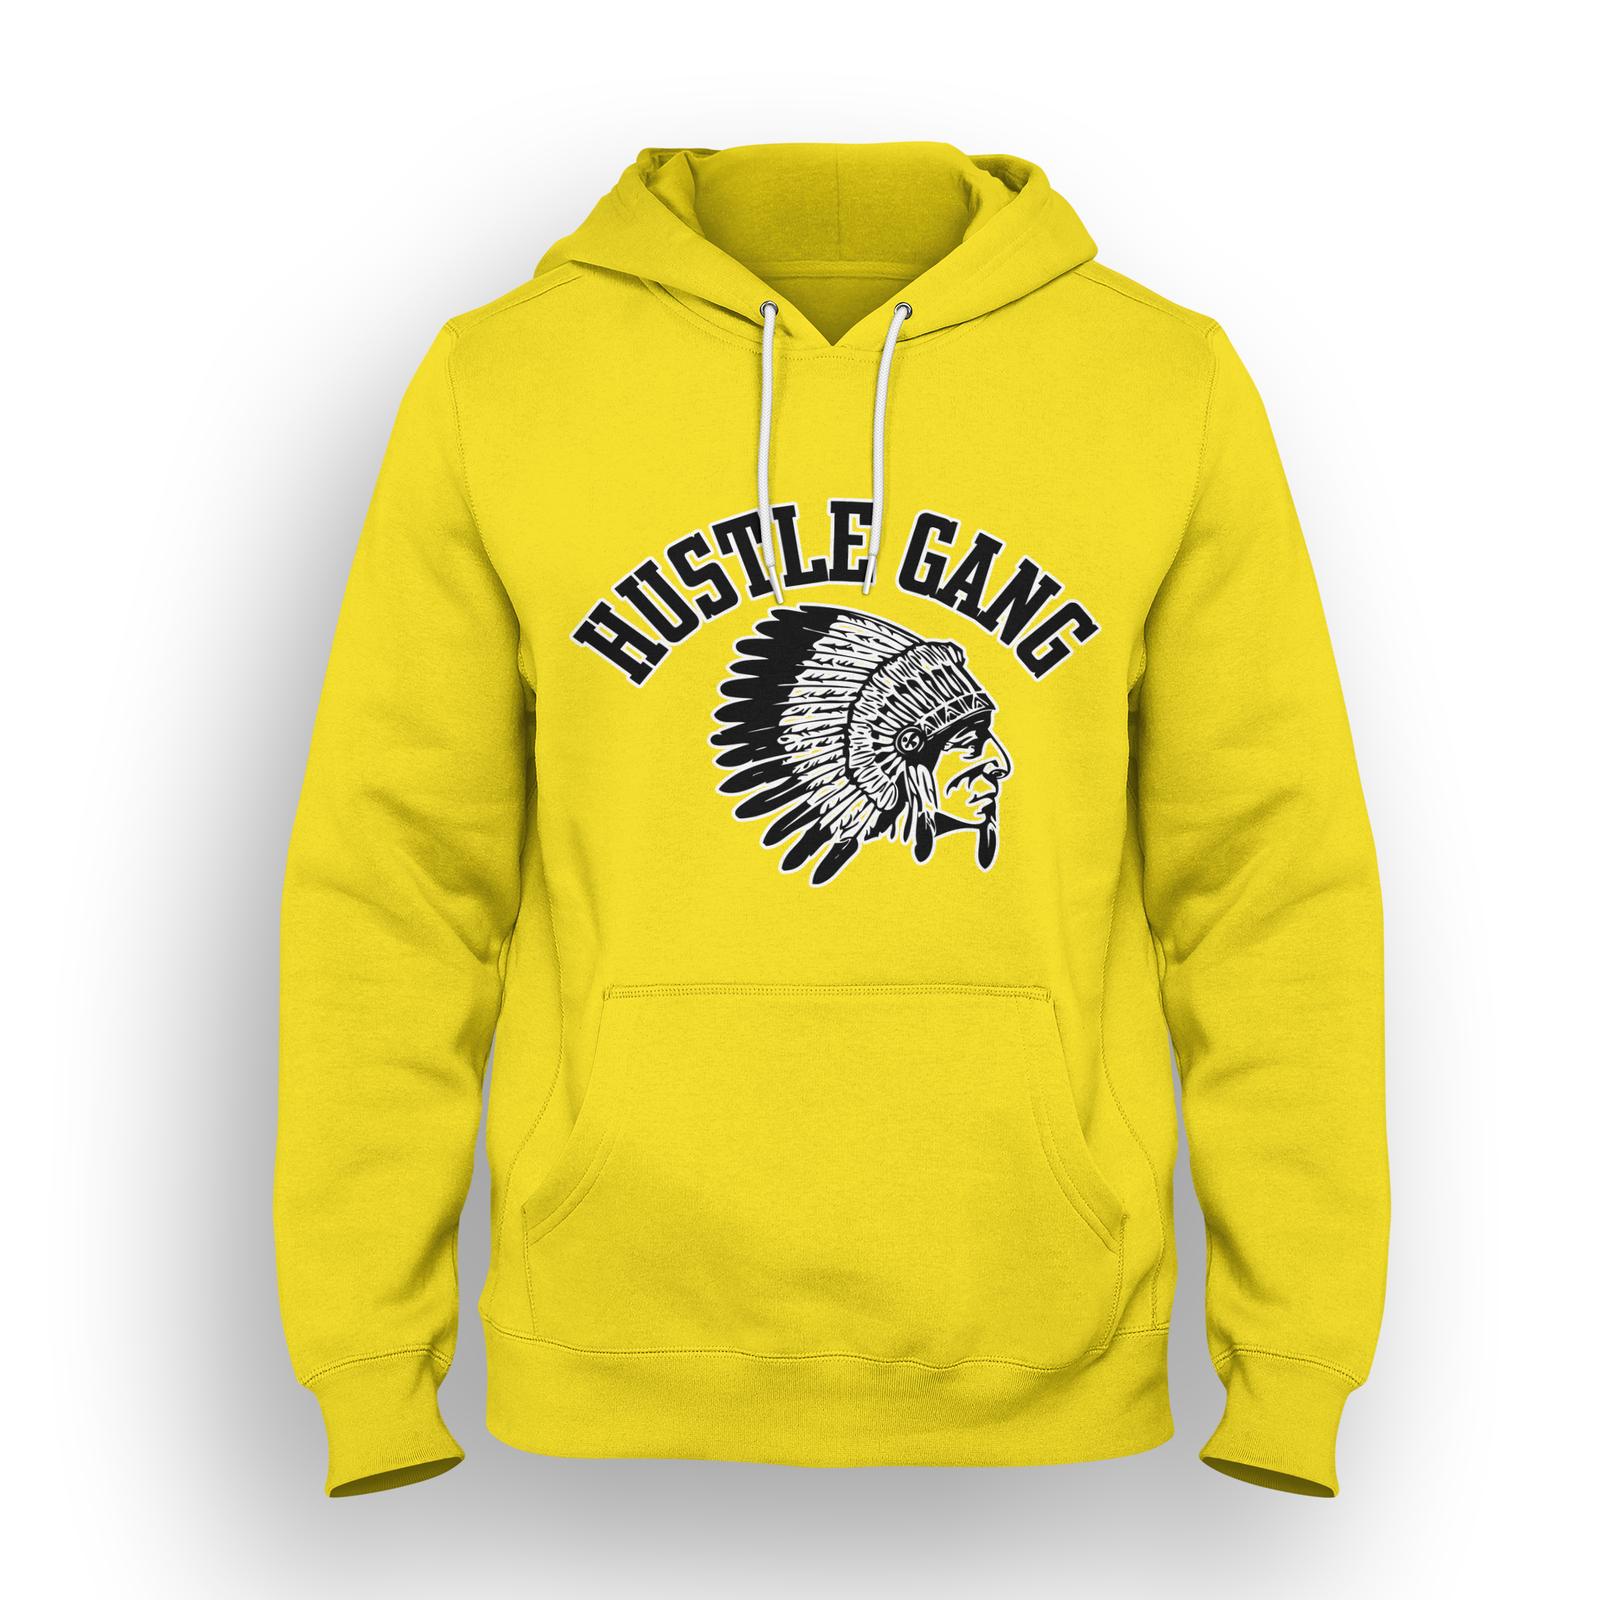 Hustle gang hoodies for sale